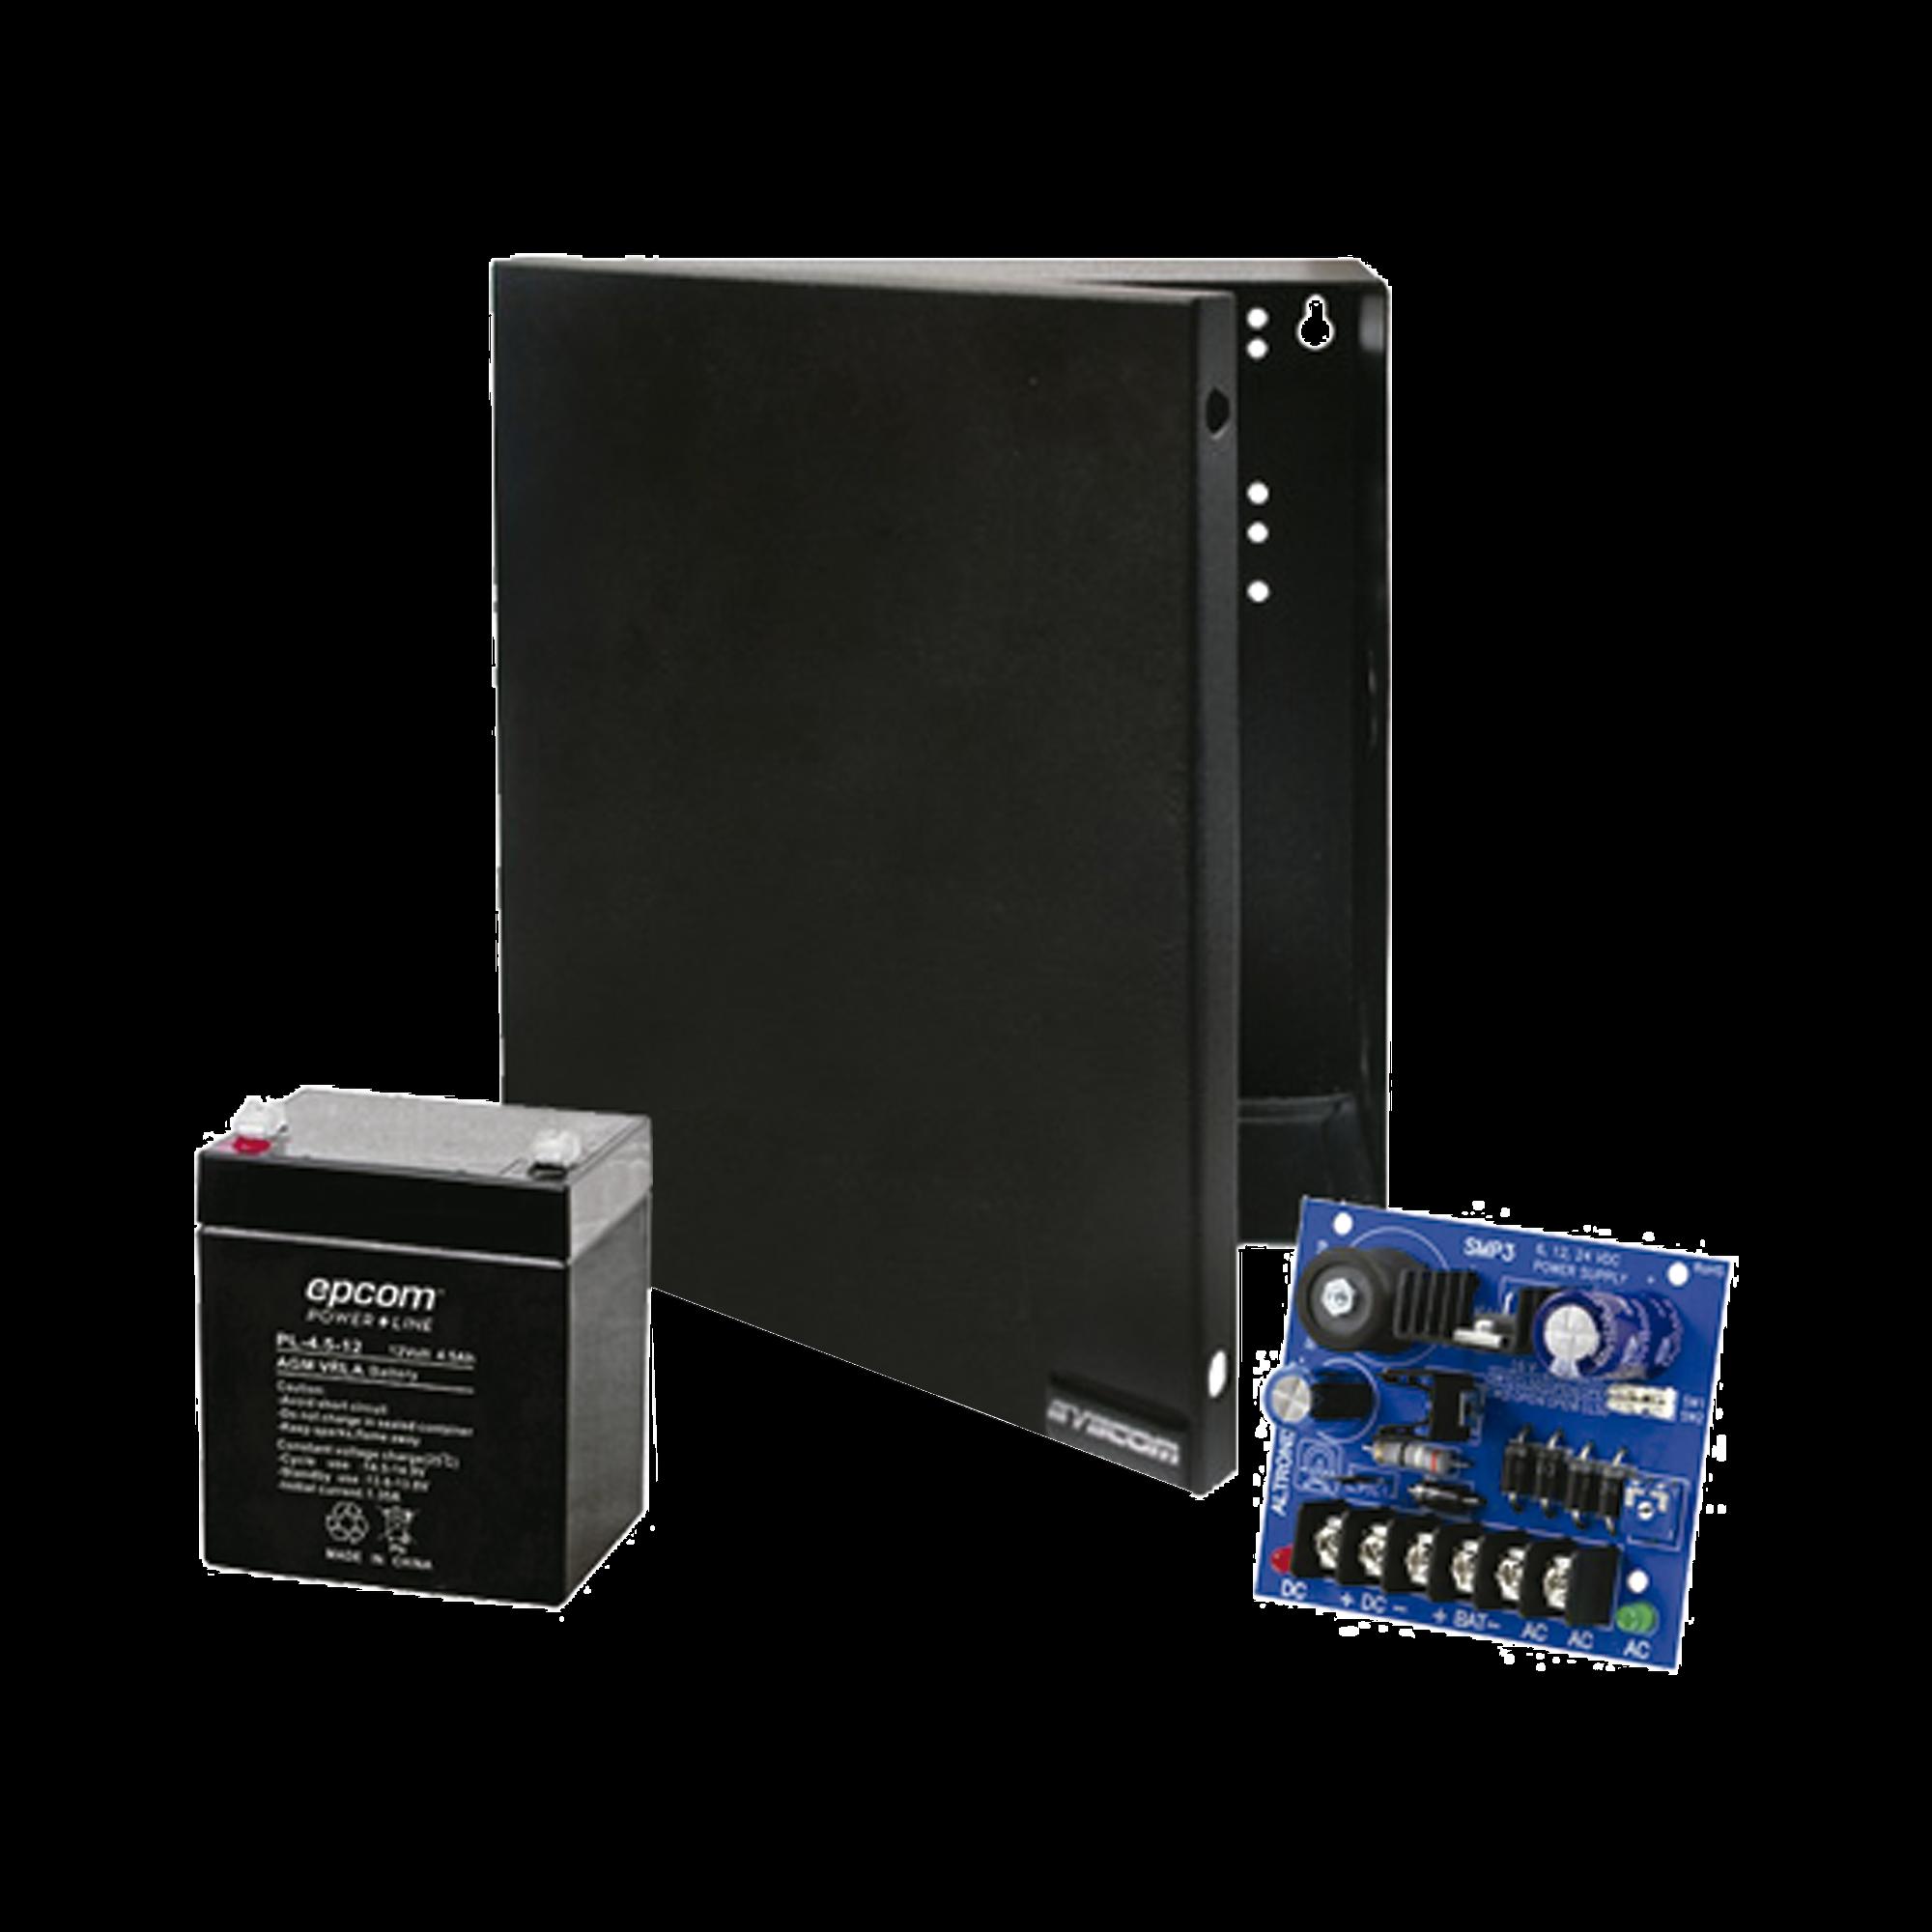 Kit con fuente ALTRONIX con salida de 12 Vcd a 2.5 Amper, batería de 4.5 Amper